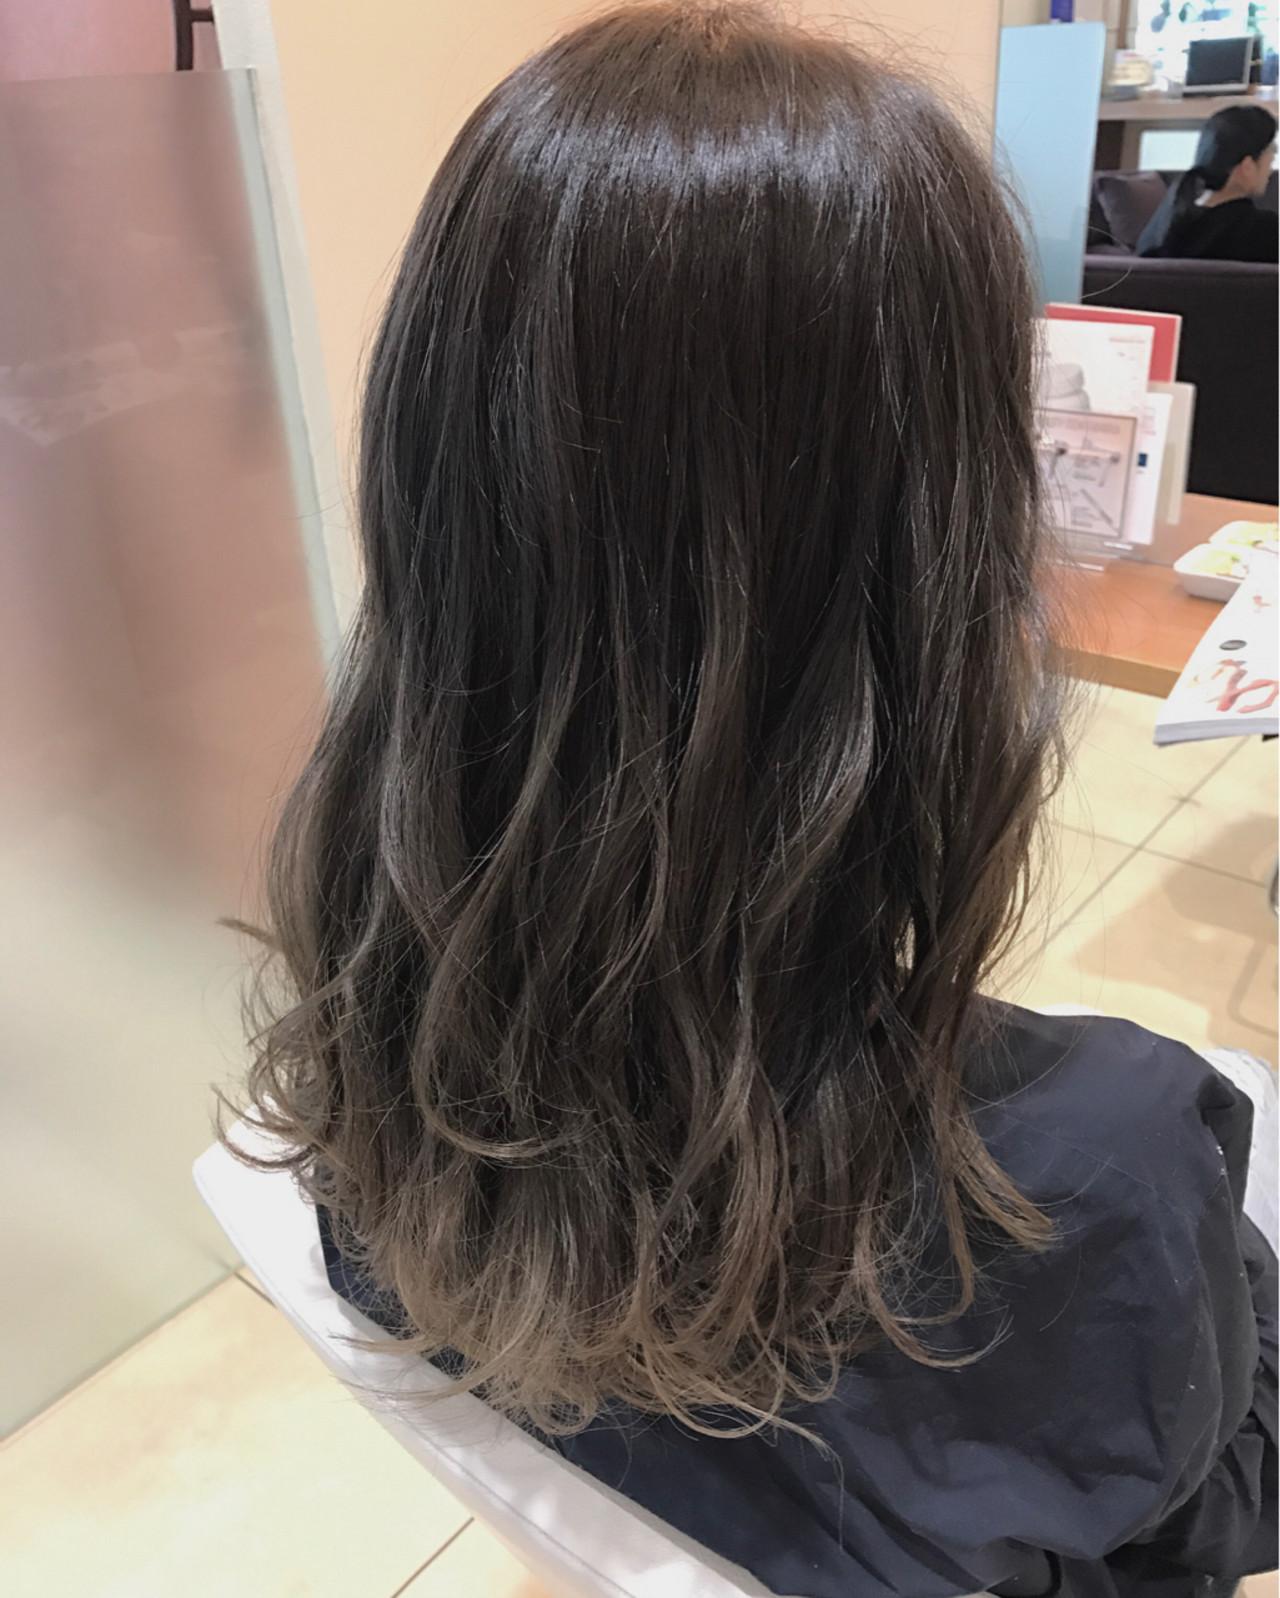 ナチュラル ロング グラデーションカラー アッシュグラデーション ヘアスタイルや髪型の写真・画像